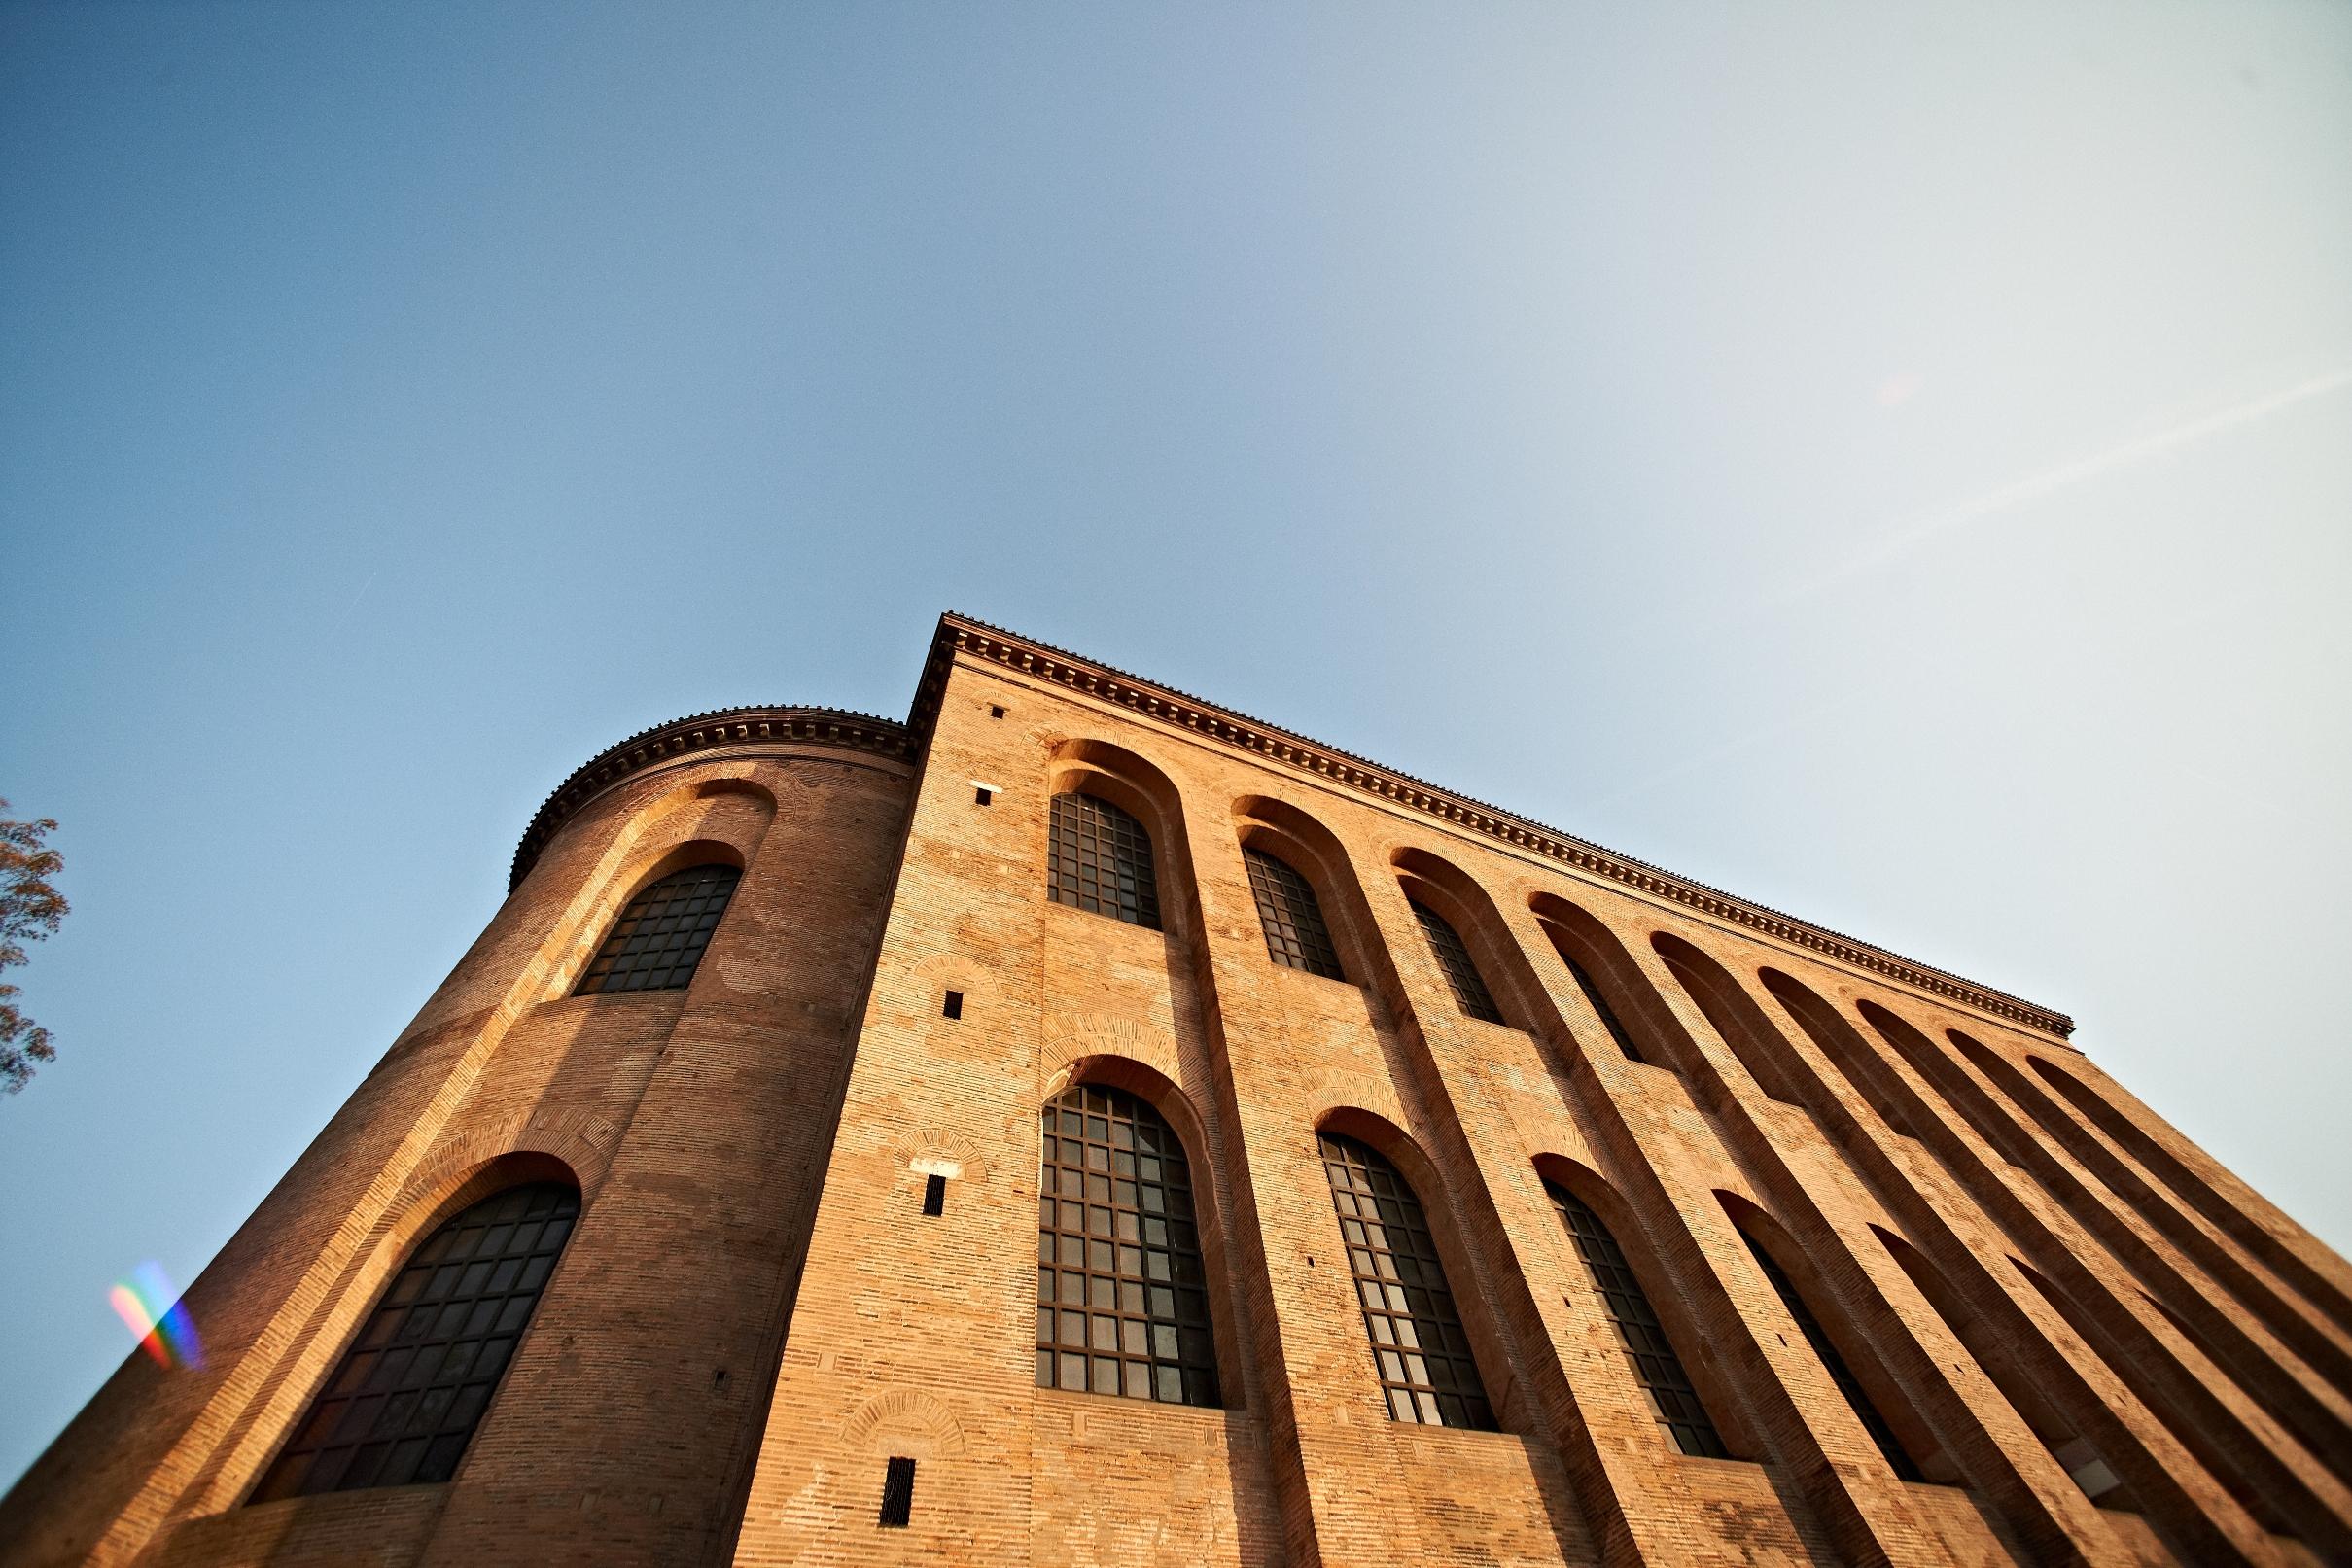 Die Konstantinbasilika, Teil des UNESCO-Welterbes in Trier, Römerstadt